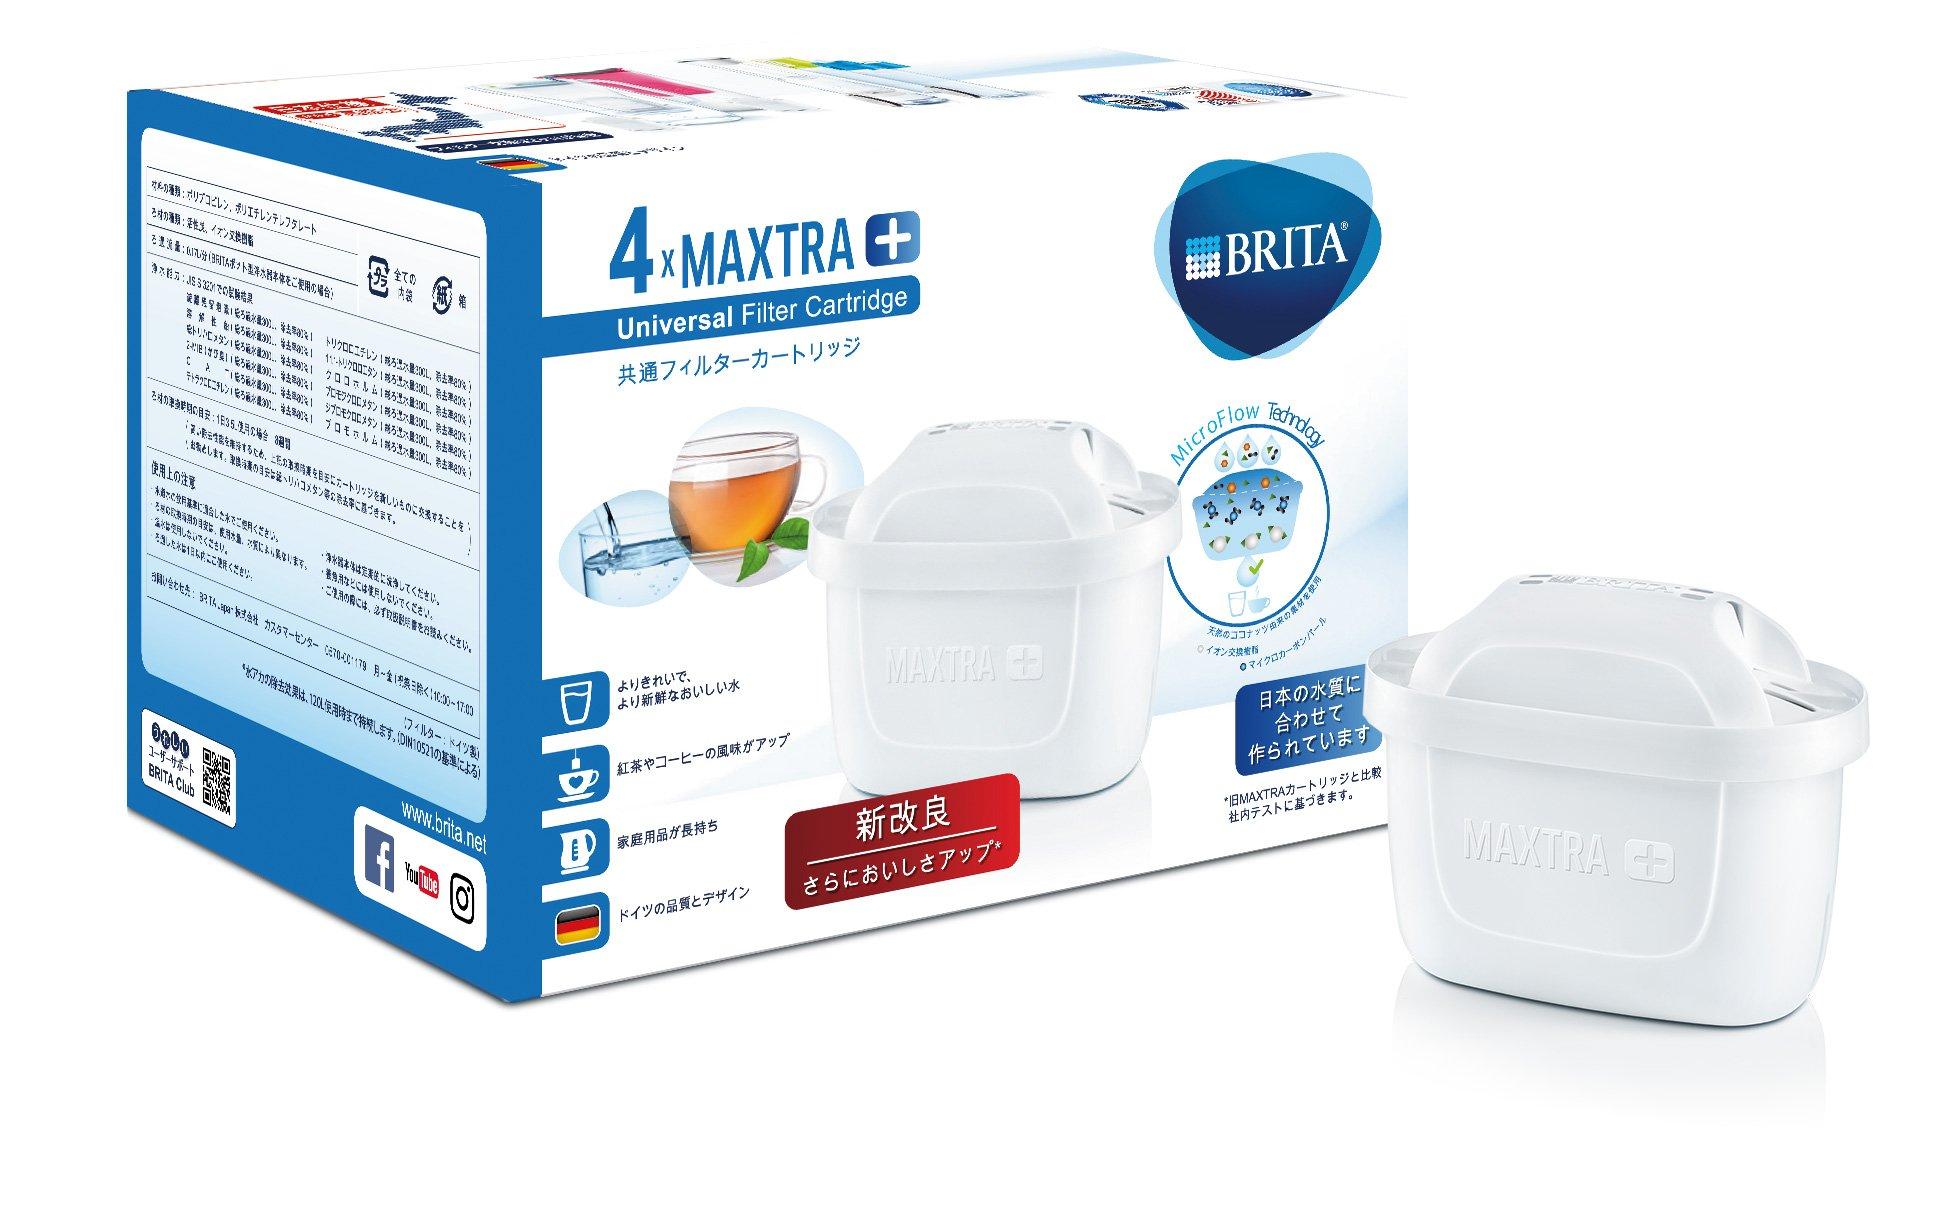 BRITA ブリタ 浄水器 ポット カートリッジ マクストラ プラス 4個セット 【日本仕様・日本正規品】【 MAXTRA+】